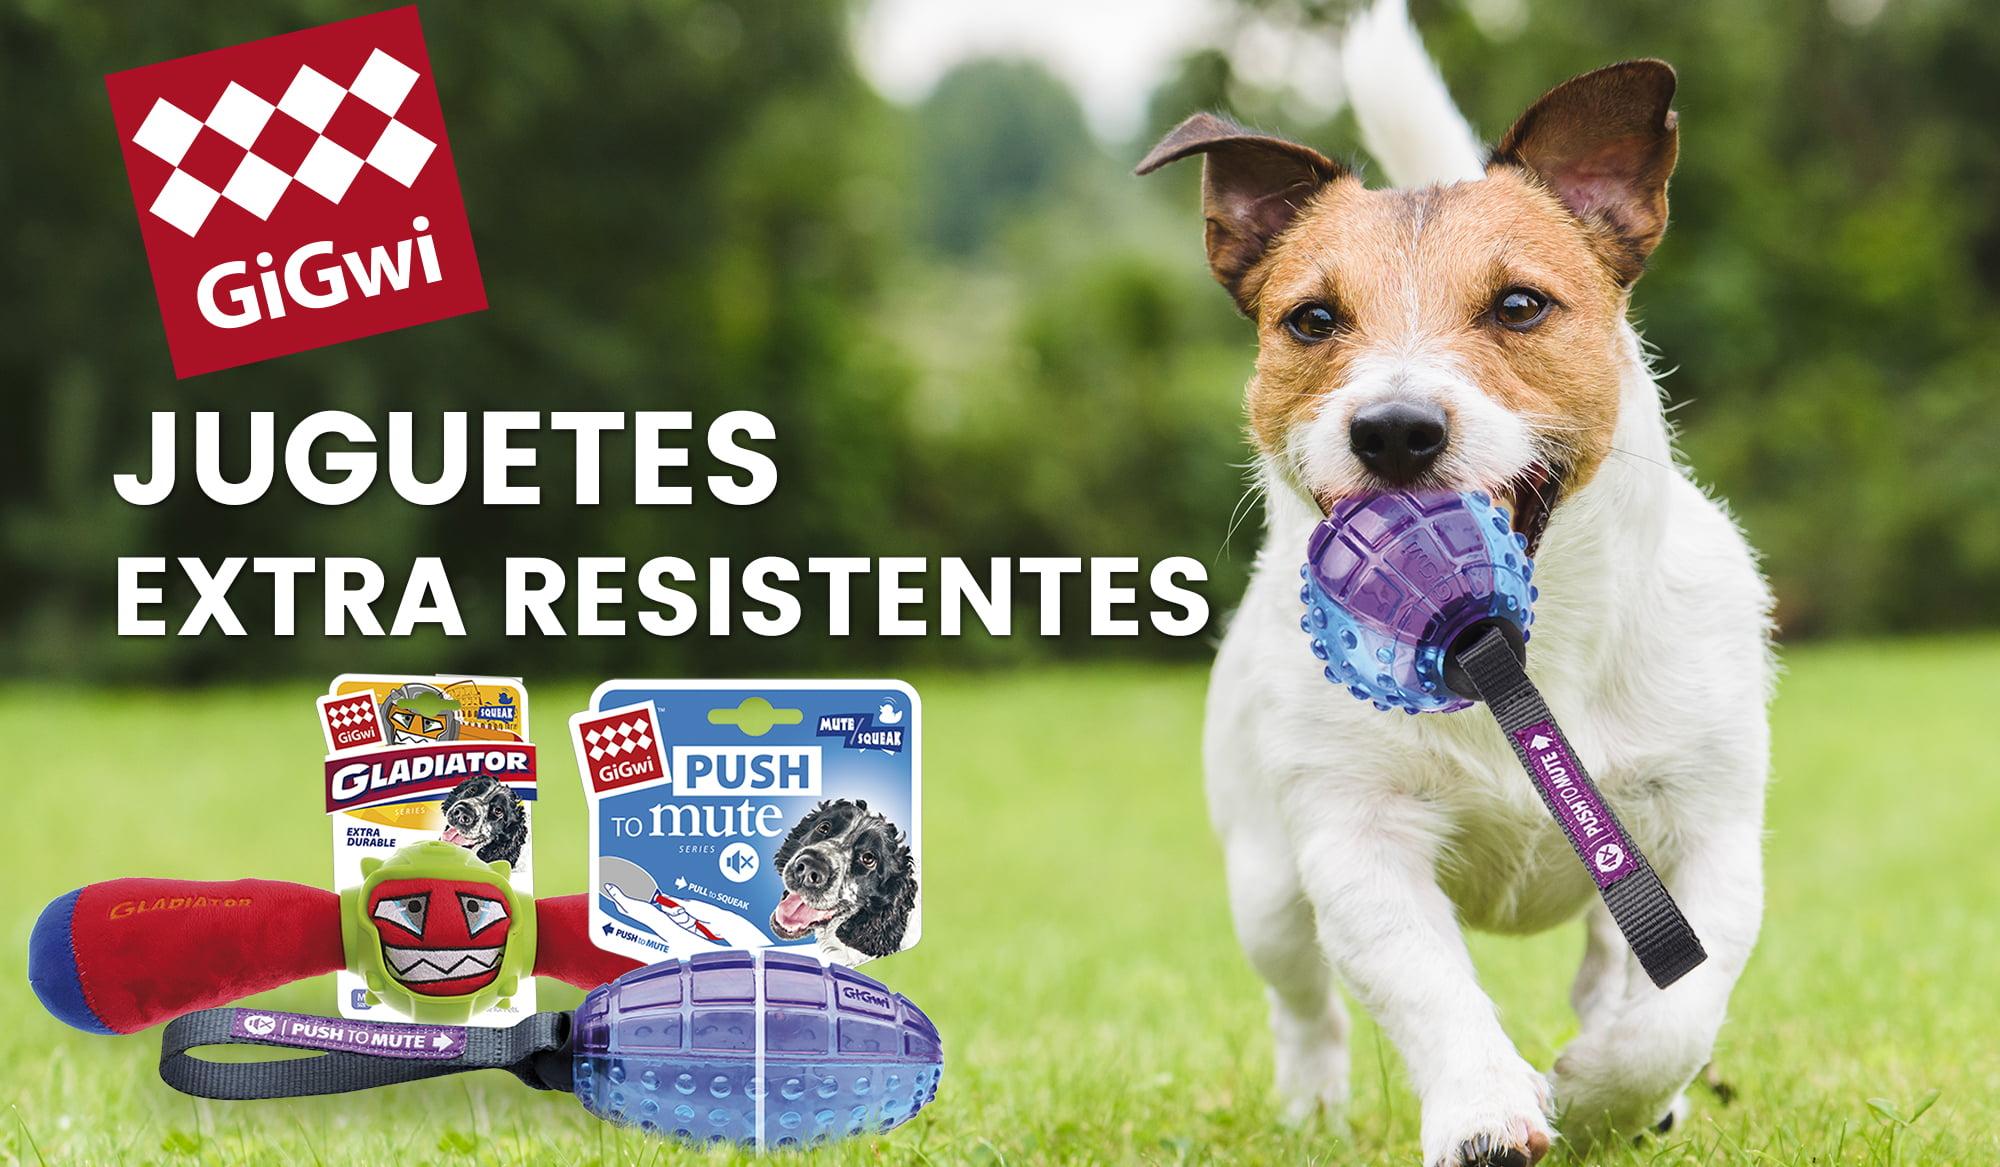 Gigwi: juguetes para perros